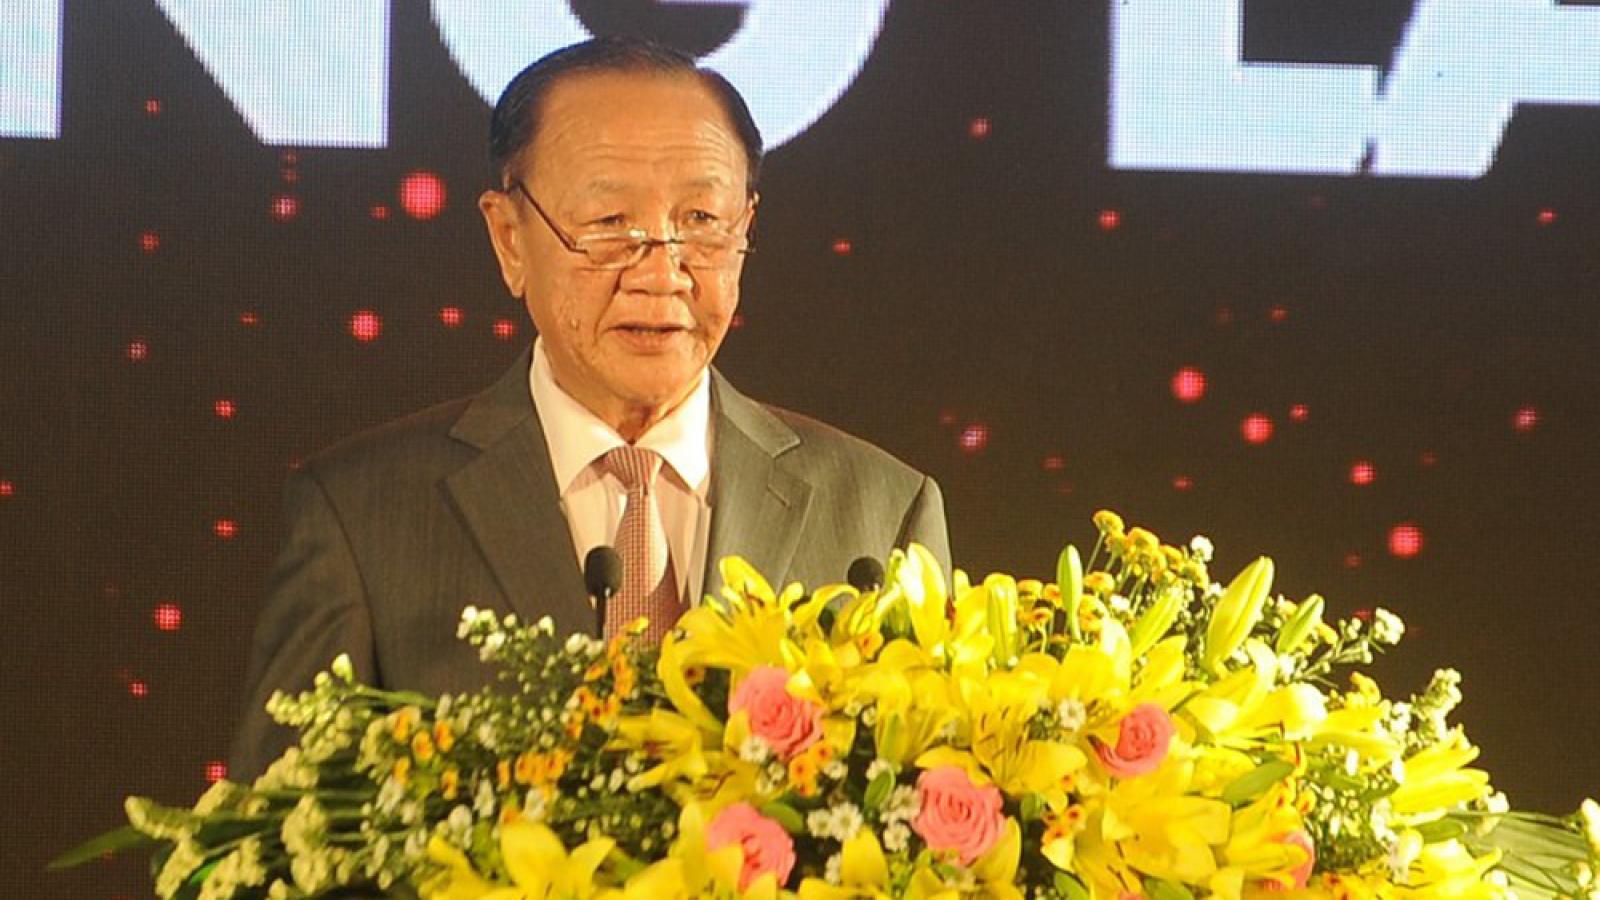 Chủ tịch HĐQT Tổng Công ty 3/2 được tại ngoại để chữa bệnh